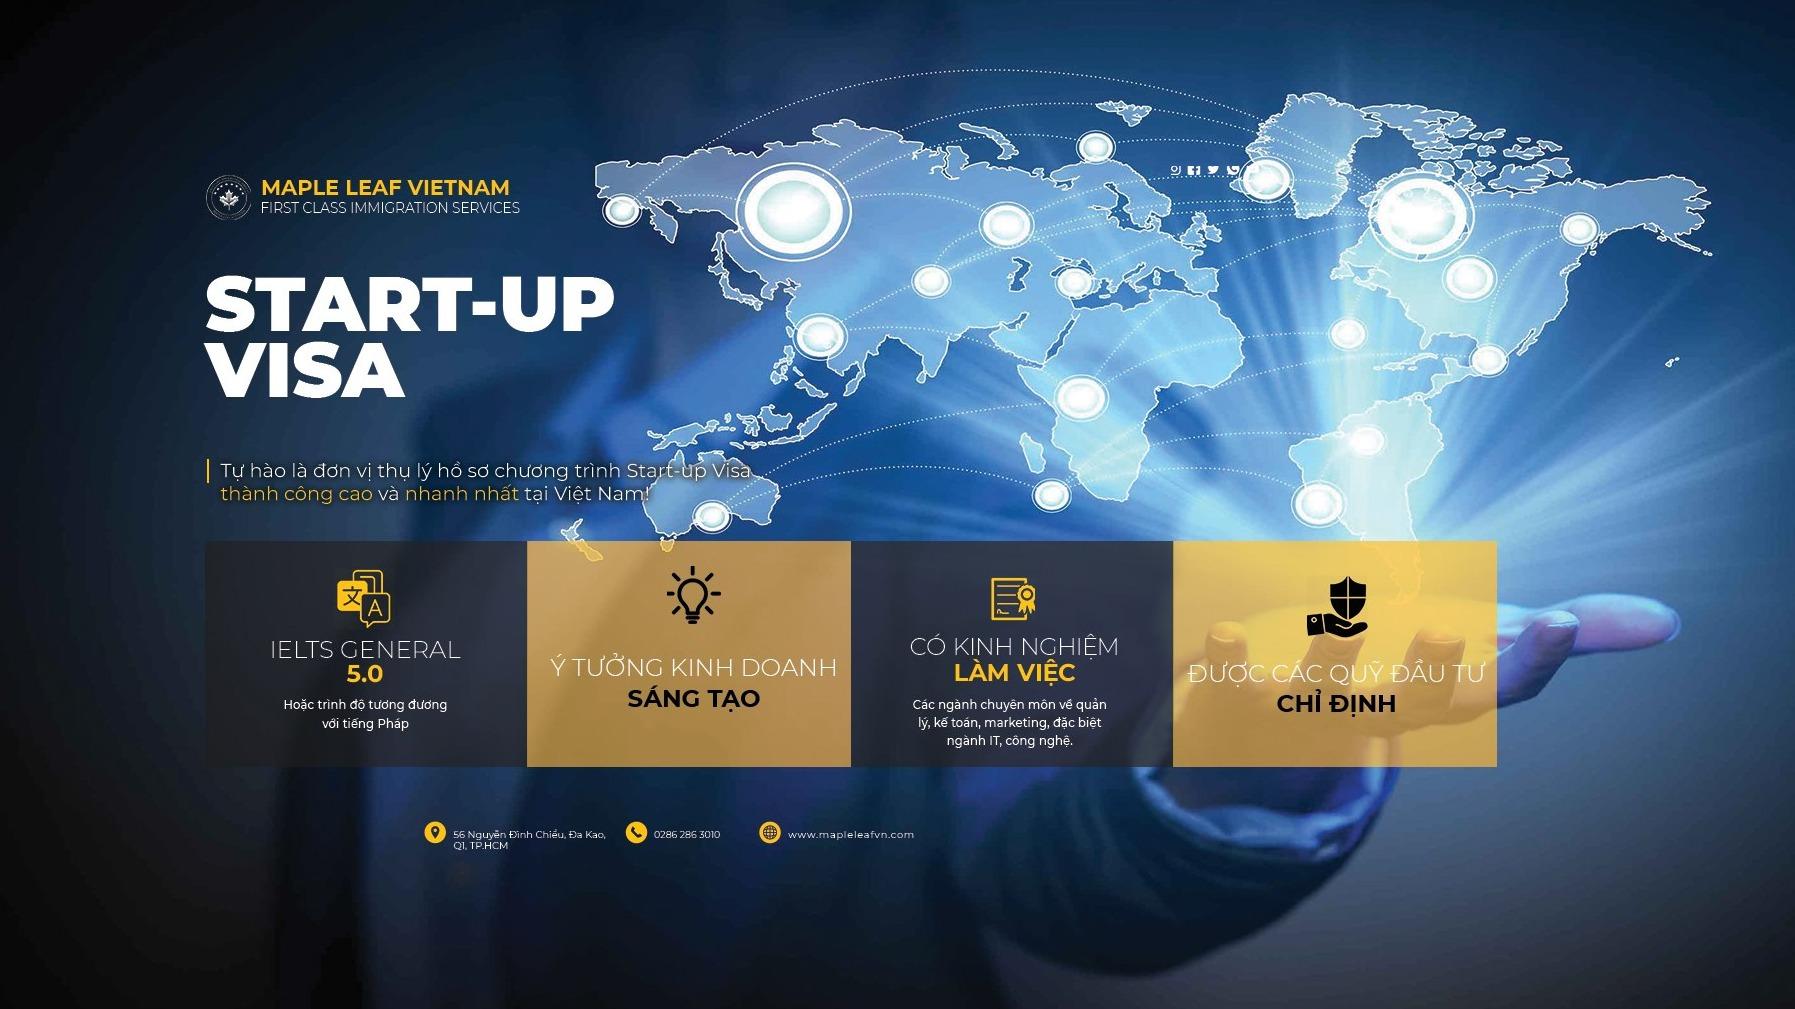 start-up-visa---chuc-mung-khach-hang-landing-thanh-cong